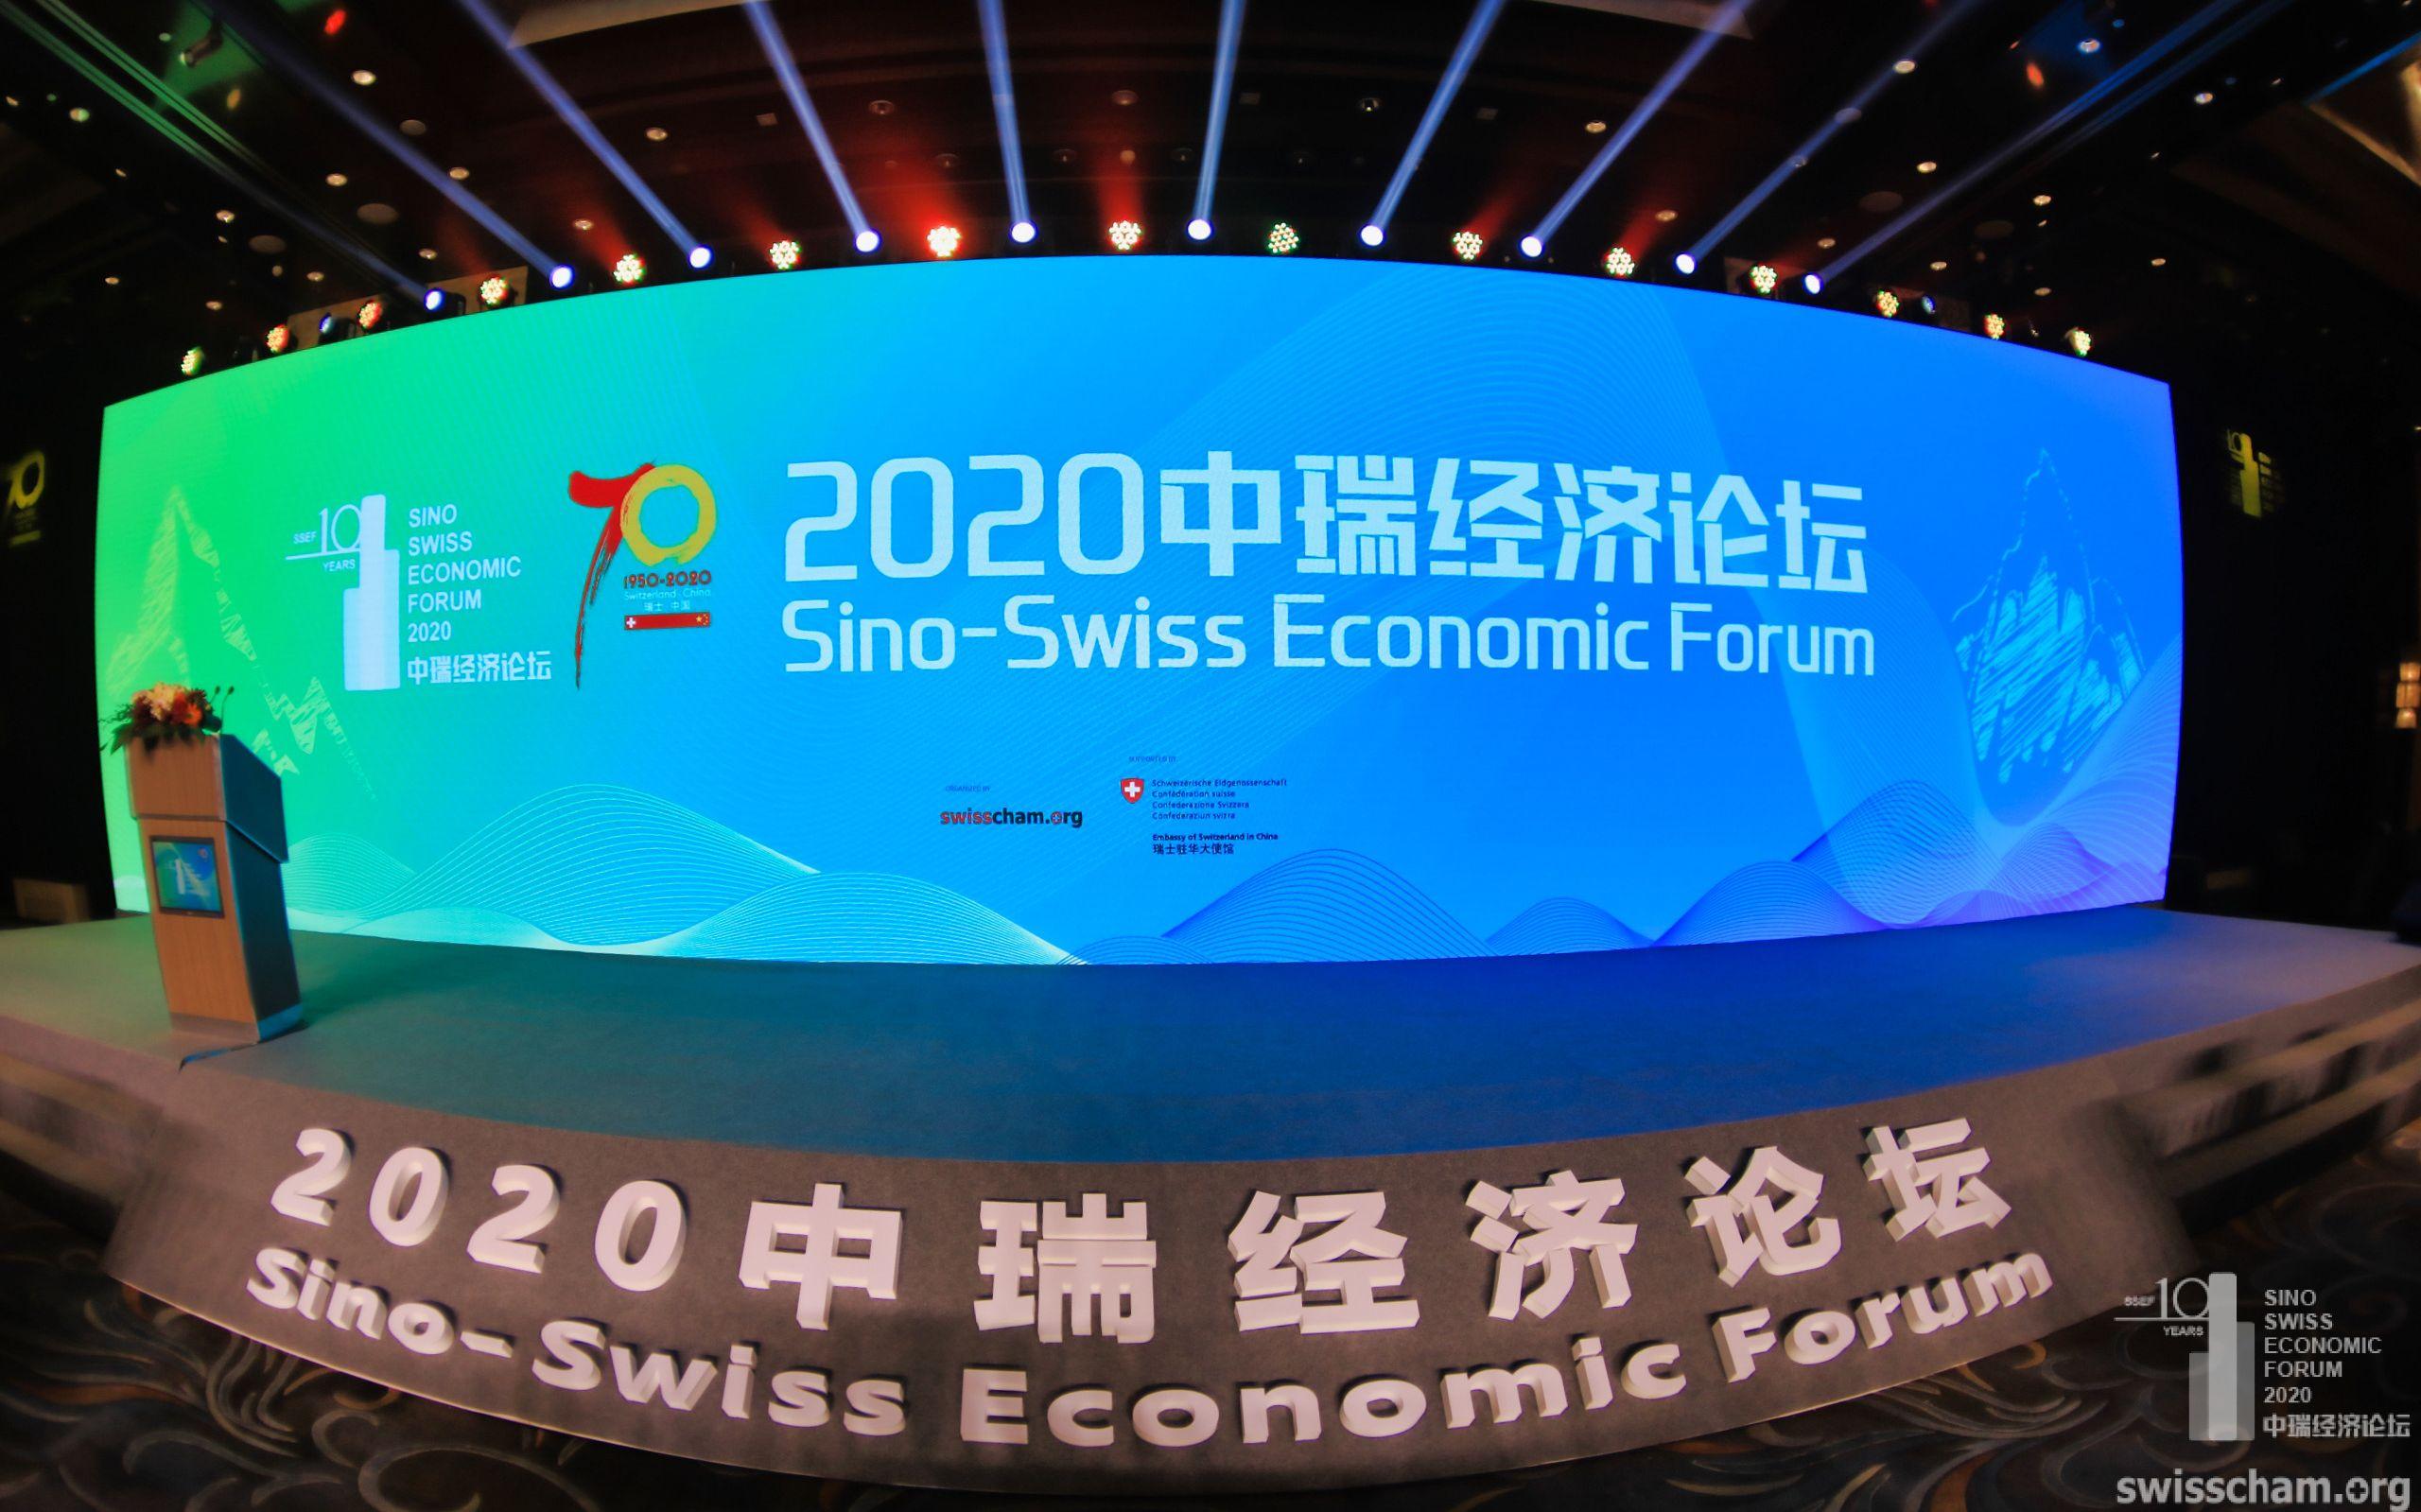 第六届中瑞经济论坛关键词:可持续发展、智慧、创新